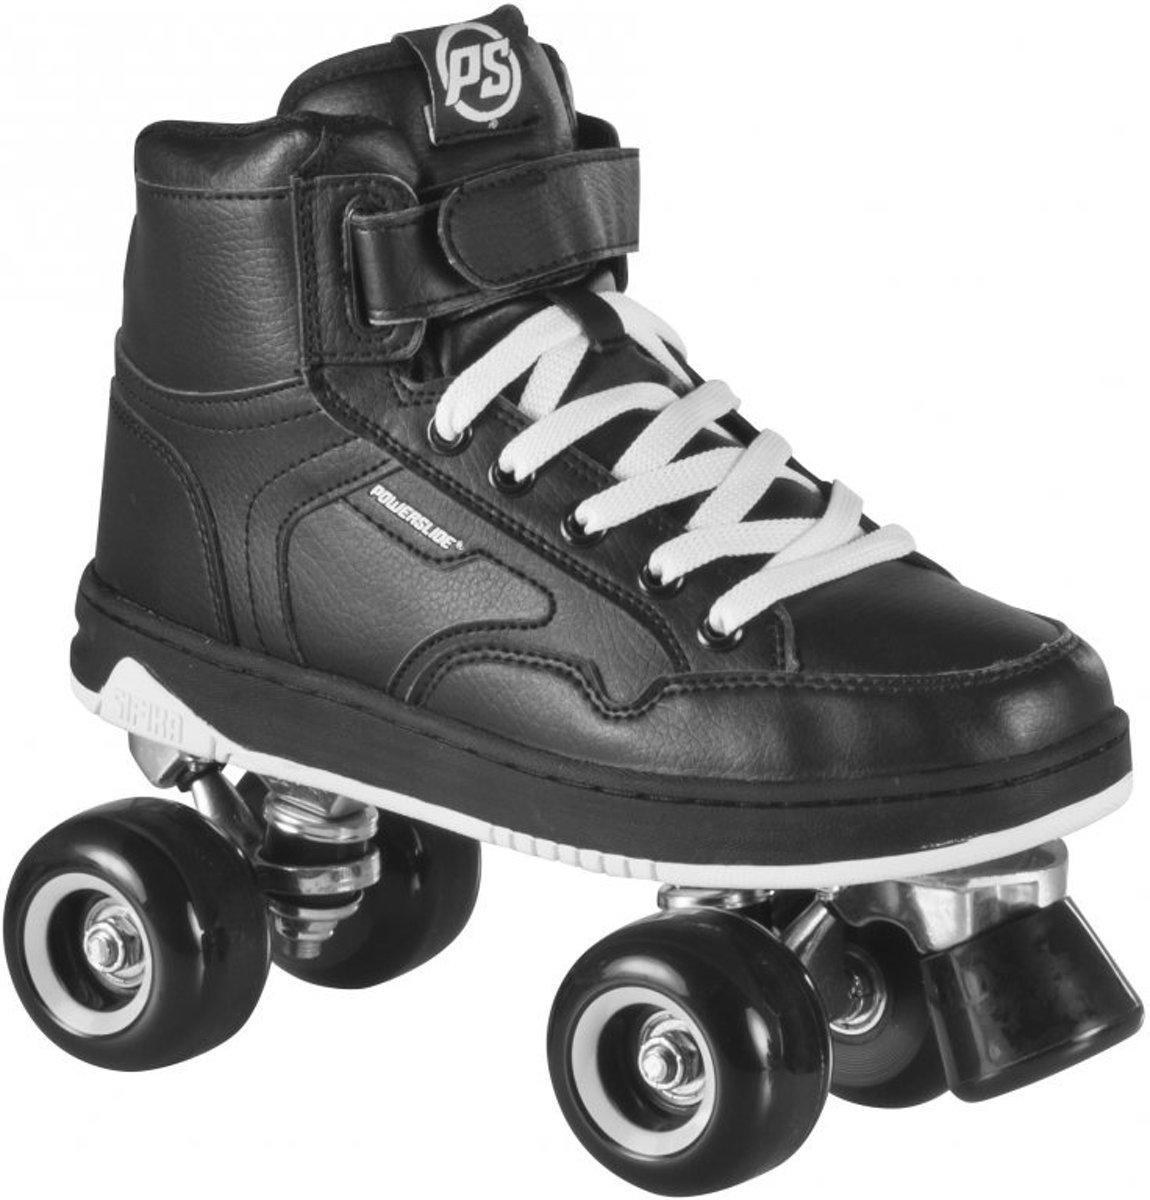 Powerslide Rolschaatsen Player Unisex Zwart Maat 38 kopen